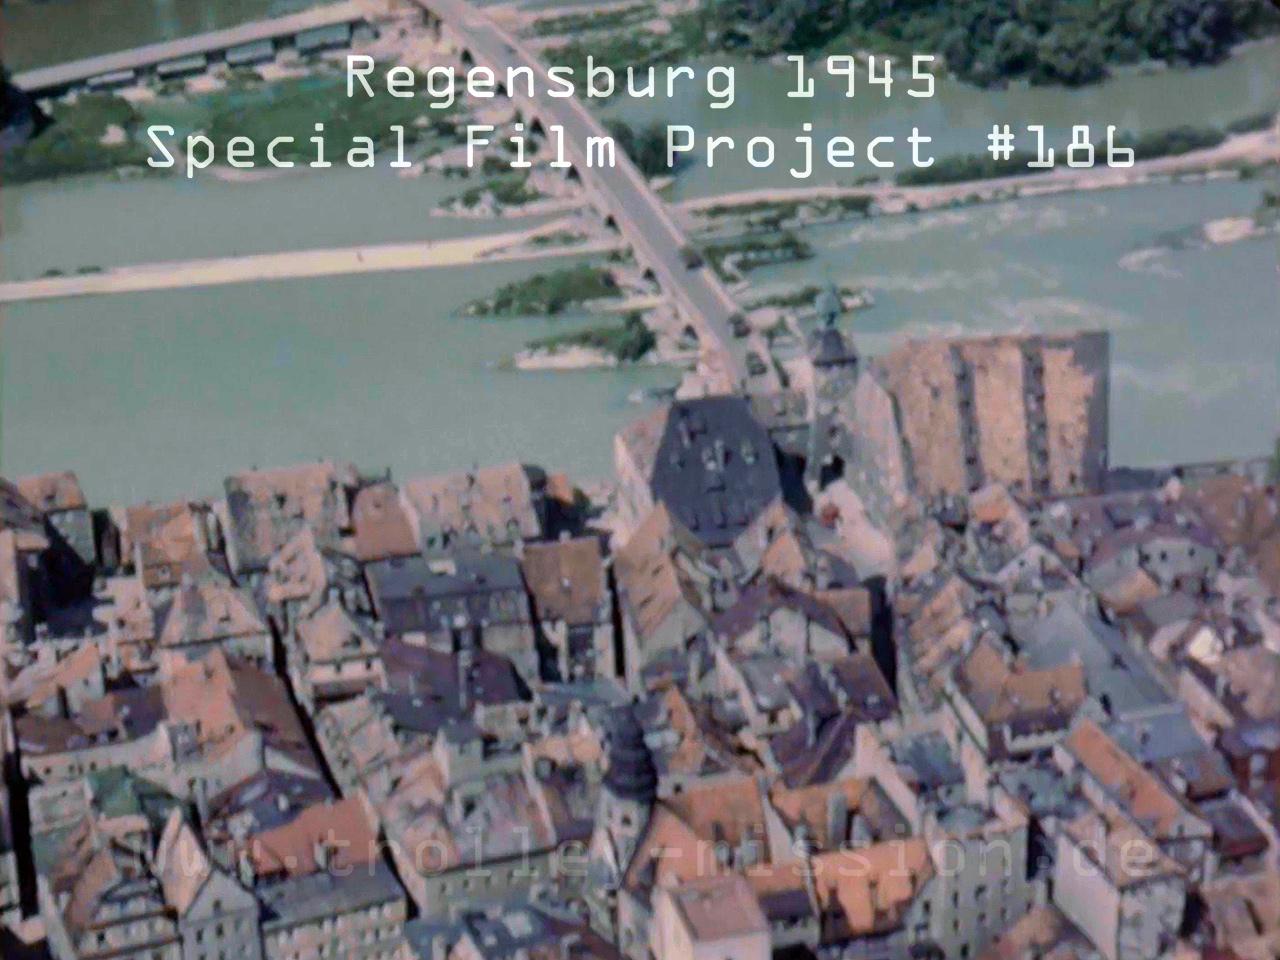 Farbfilm Luftaufnahmen von Regensburg nach den Fliegerbomben und Luftangriffen aus dem Jahr 1945